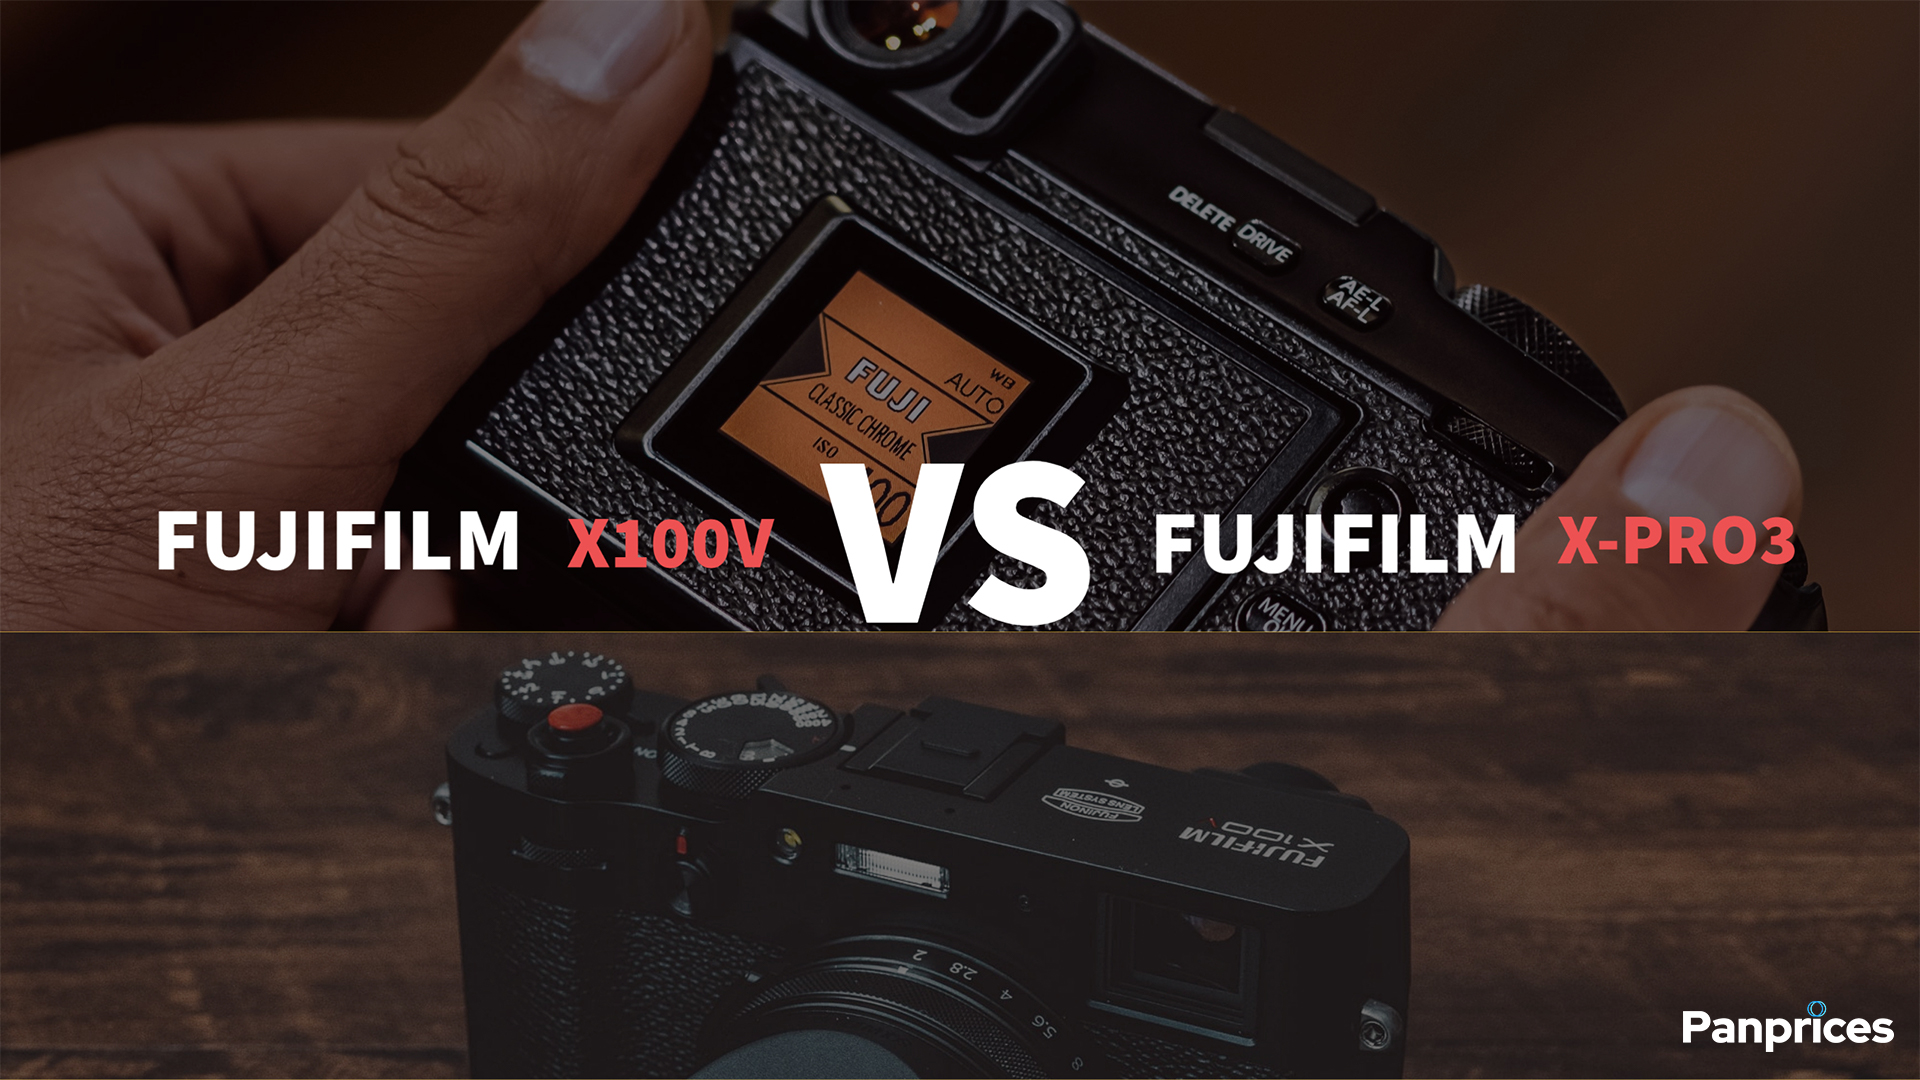 Fujifilm X100V VS Fujifilm X-Pro3